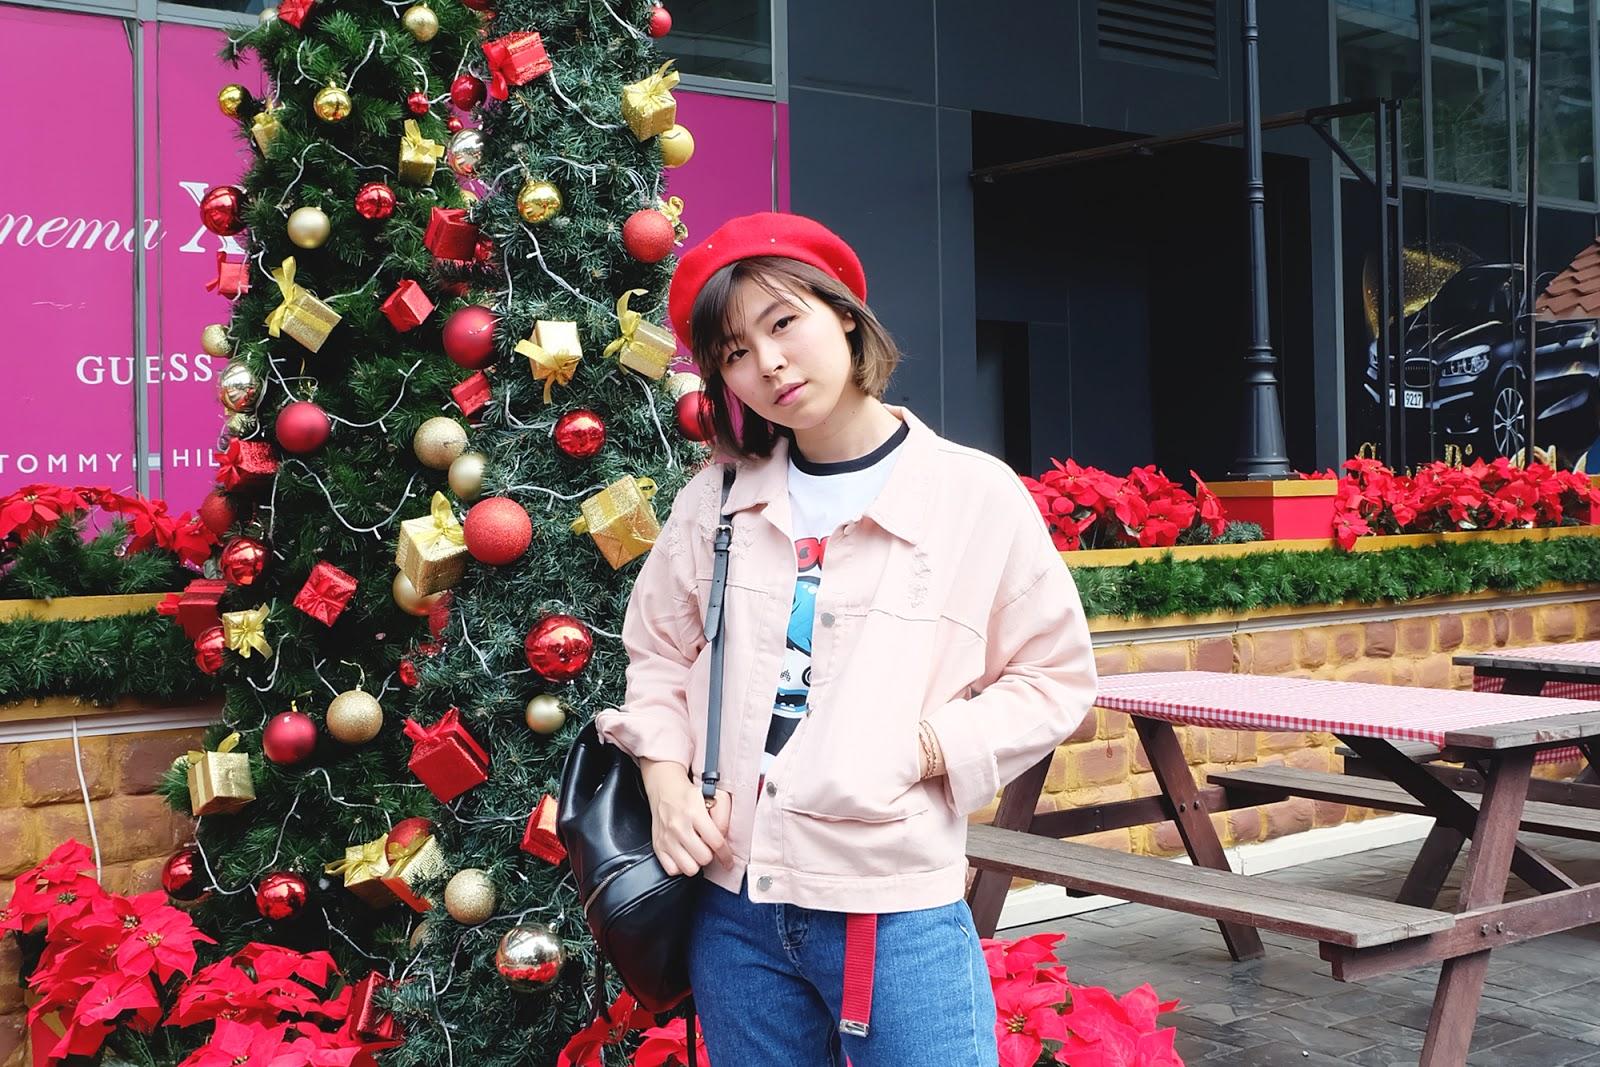 Pink Jacket Outfit | www.bigdreamerblog.com